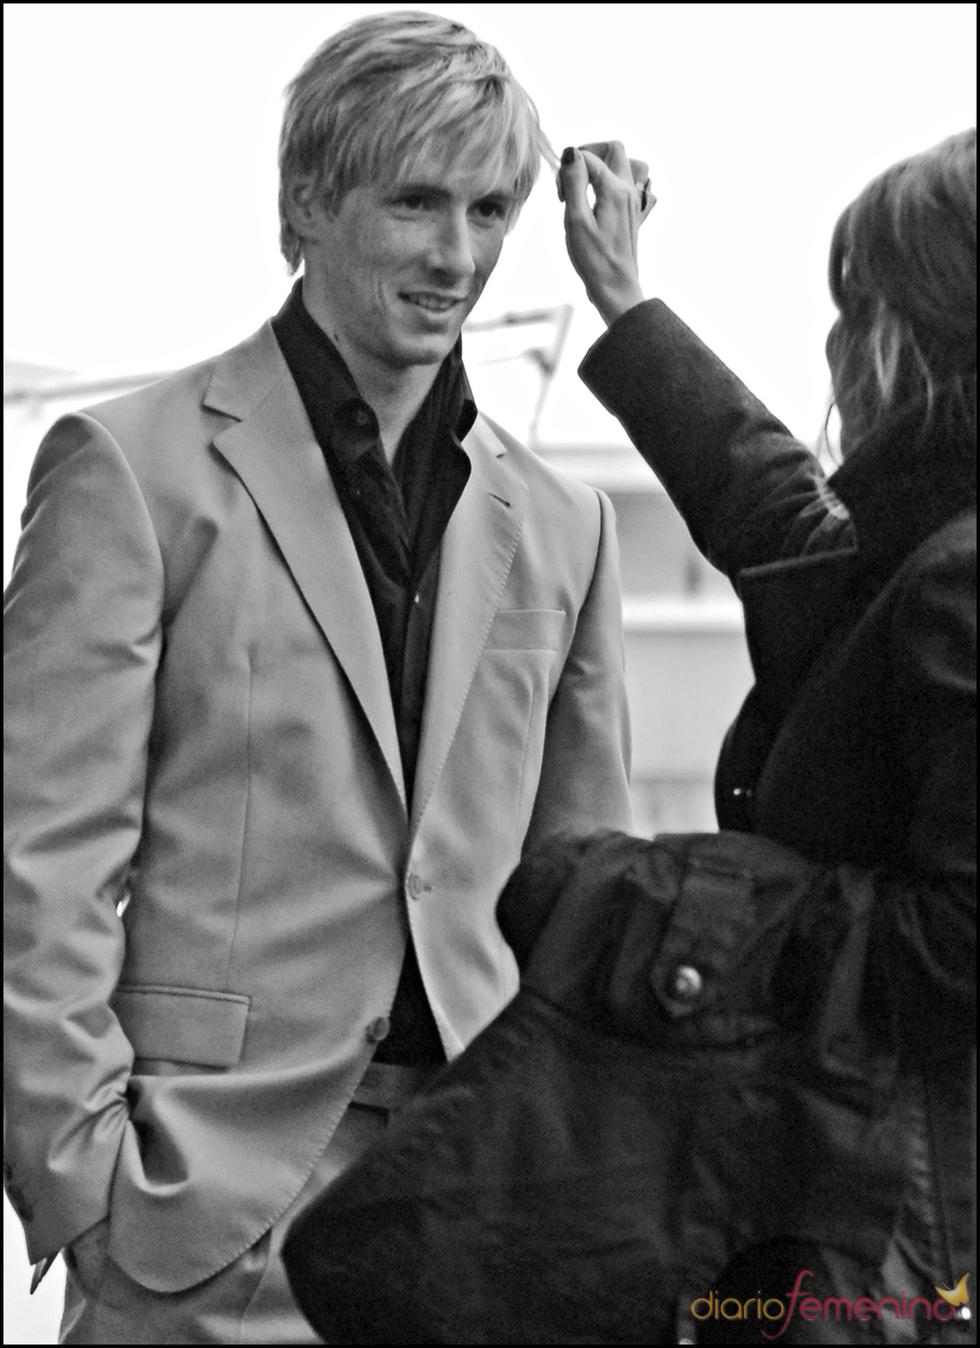 Fernando Torres, imagen de Emidio Tucci